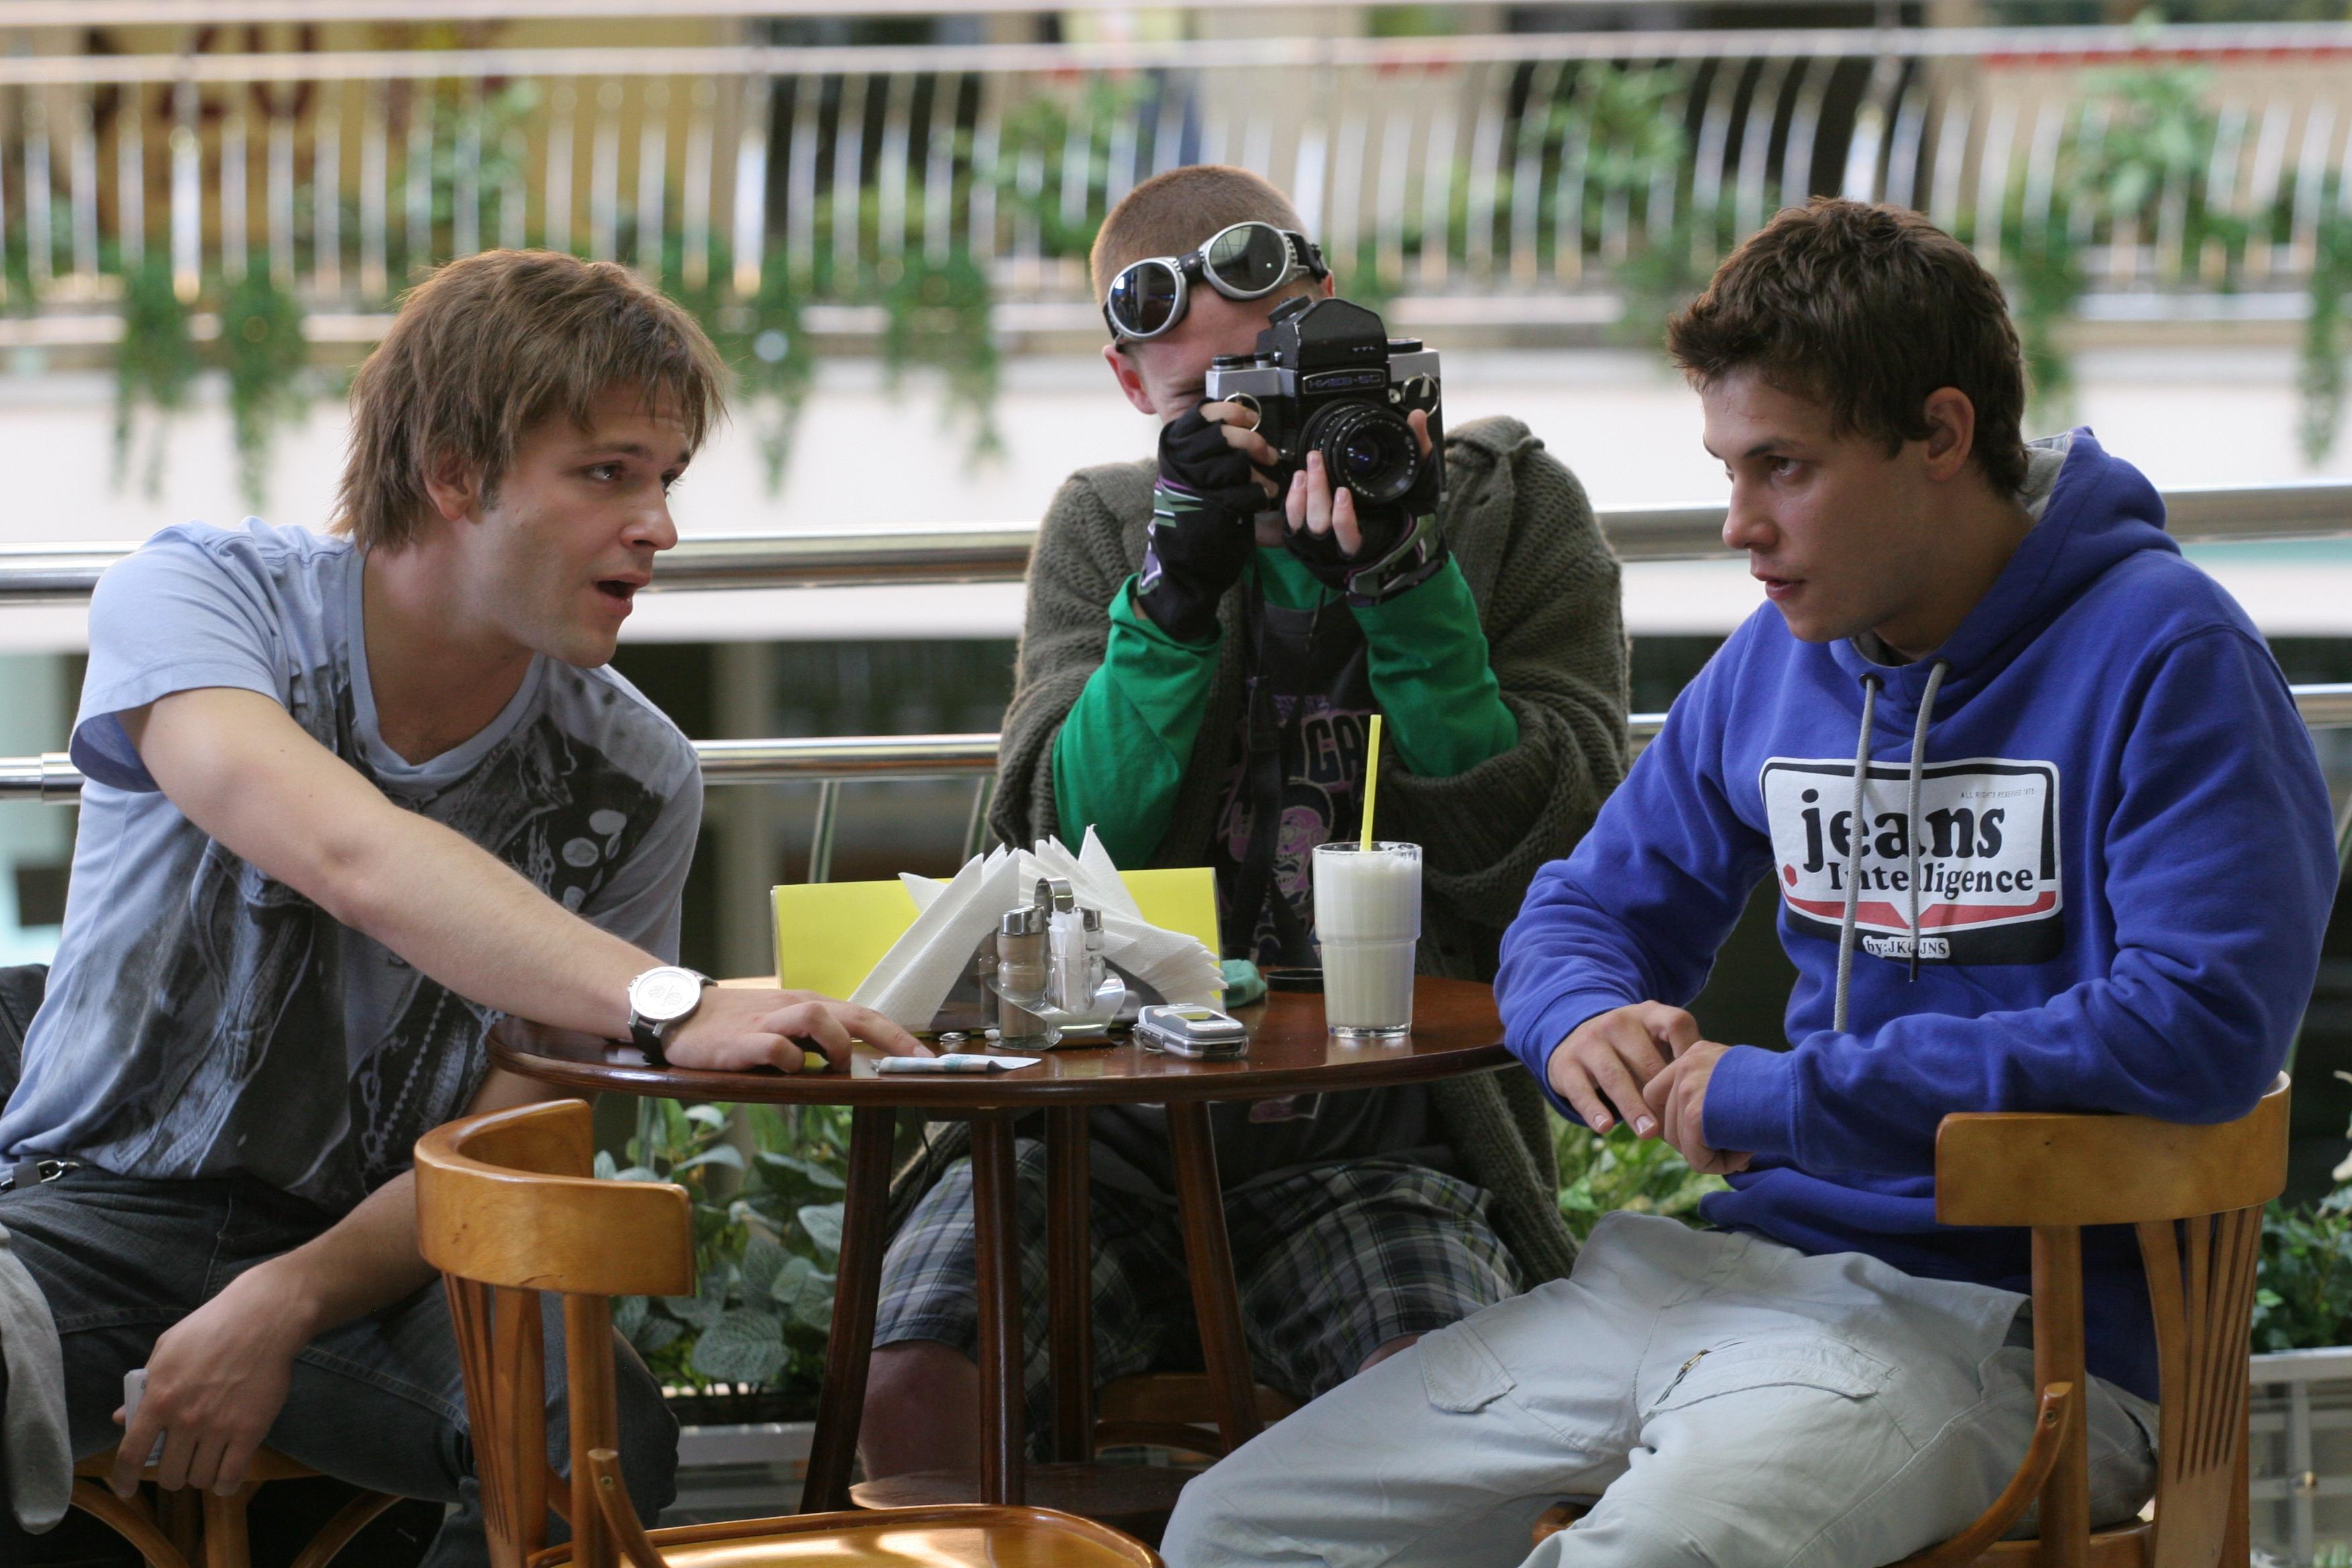 кадры из фильма Пикап: Съем без правил